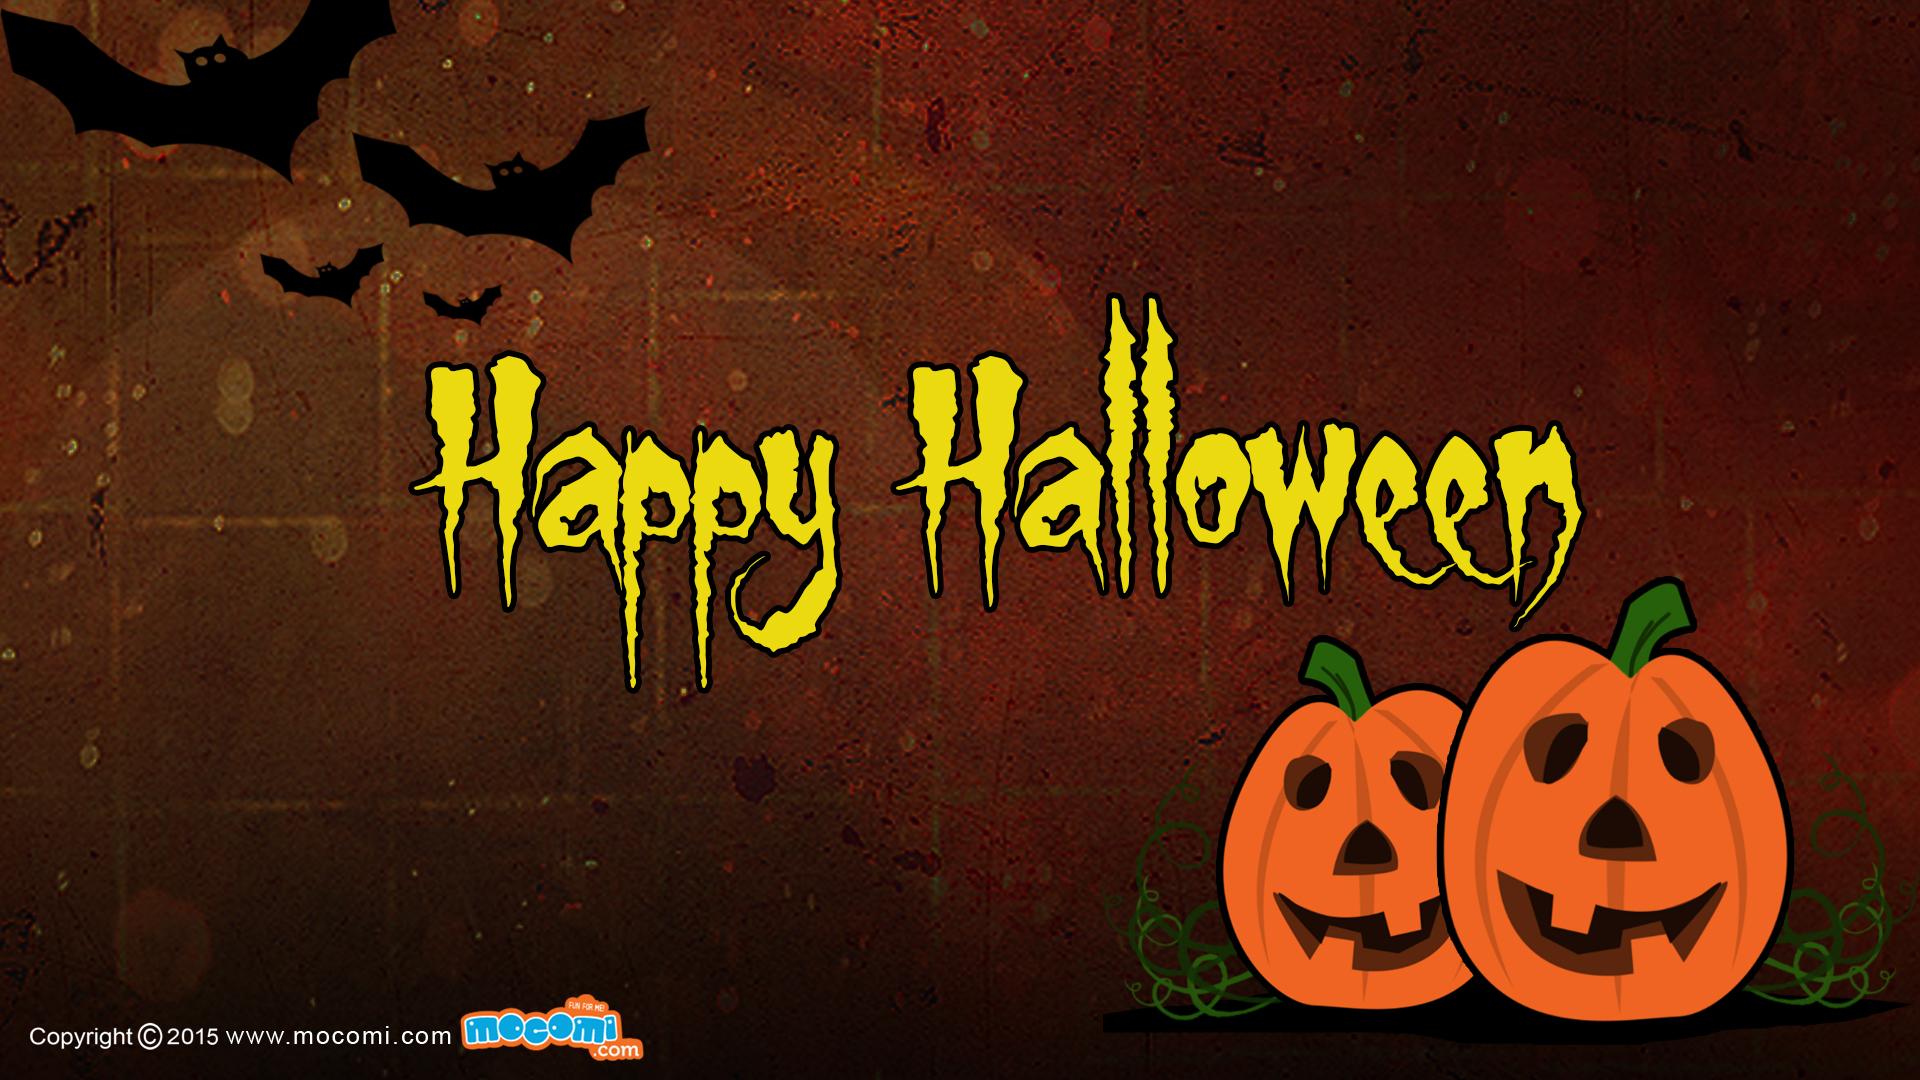 Happy Halloween   02   Desktop Wallpaper for Kids Mocomi 1920x1080